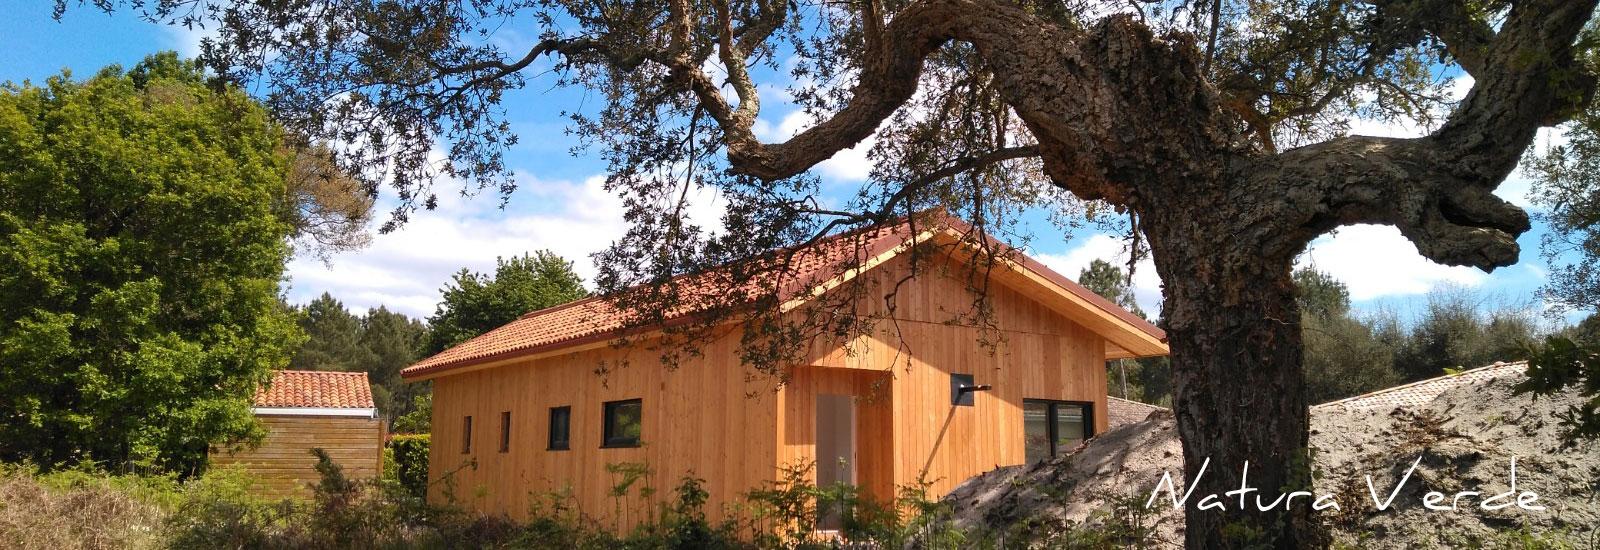 casas-modulares-1600×650101